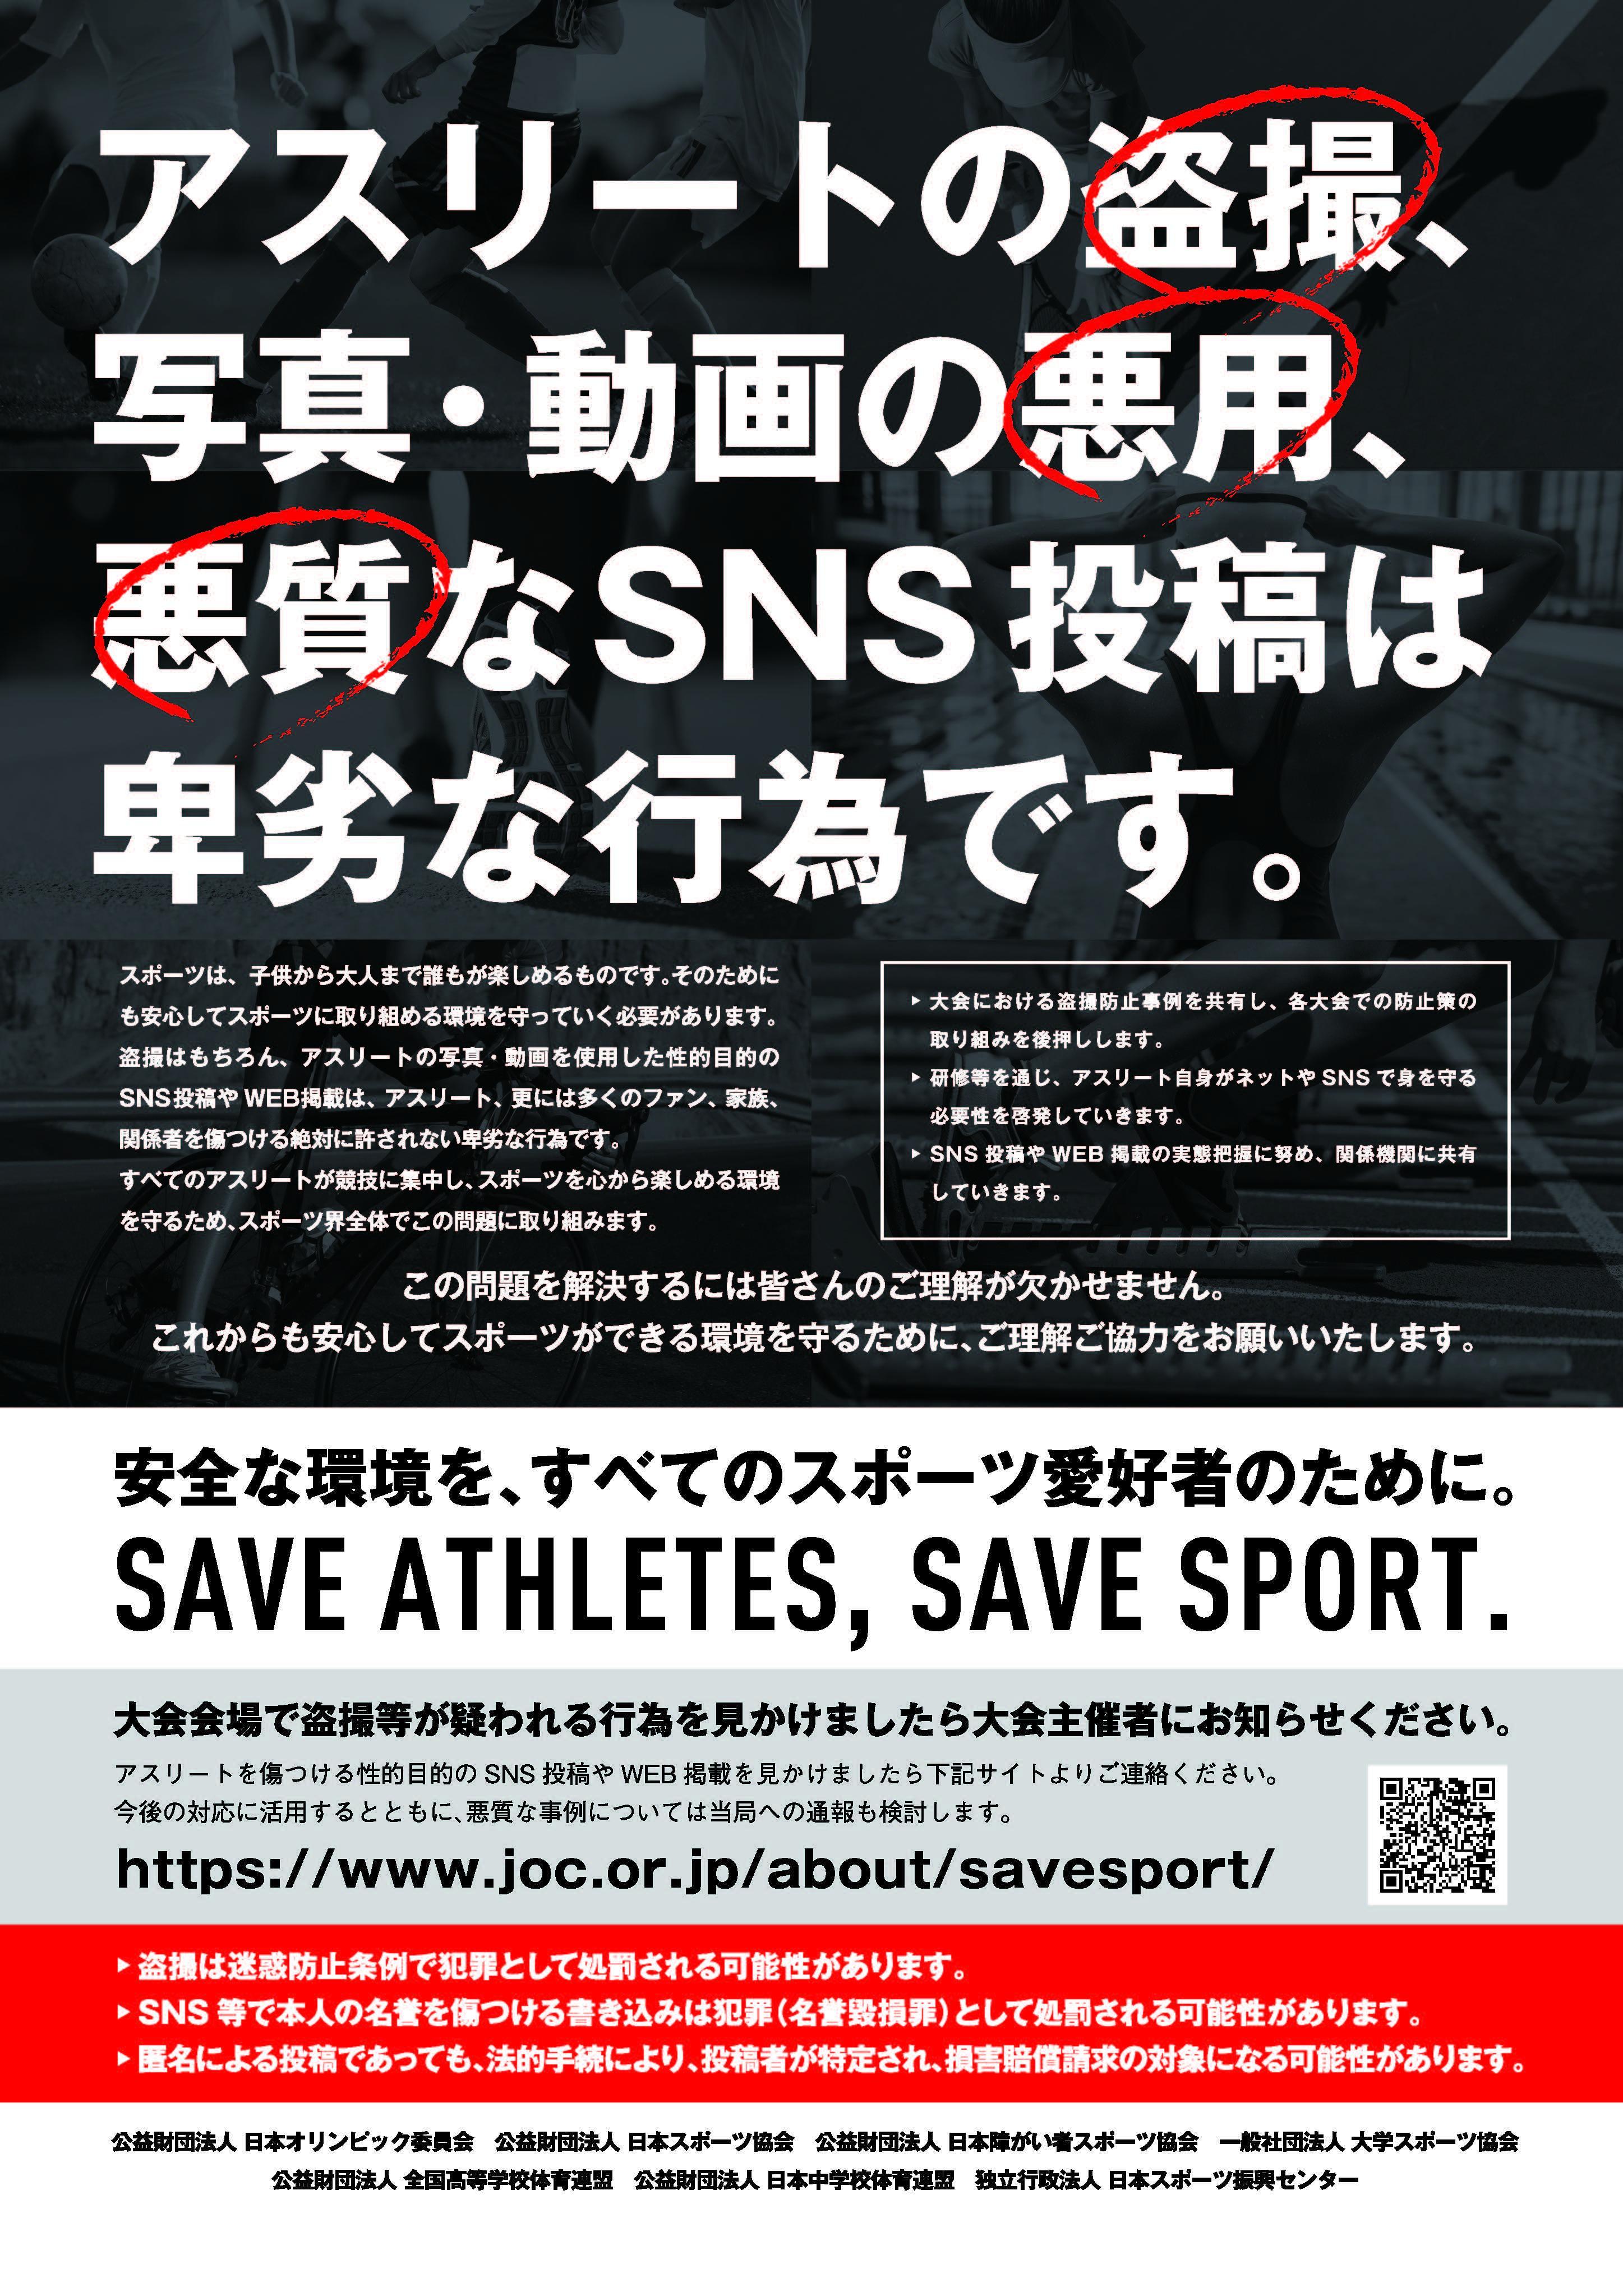 http://jstaf.jp/Save%20Athlete%20Save%20Sport%20A4.jpg